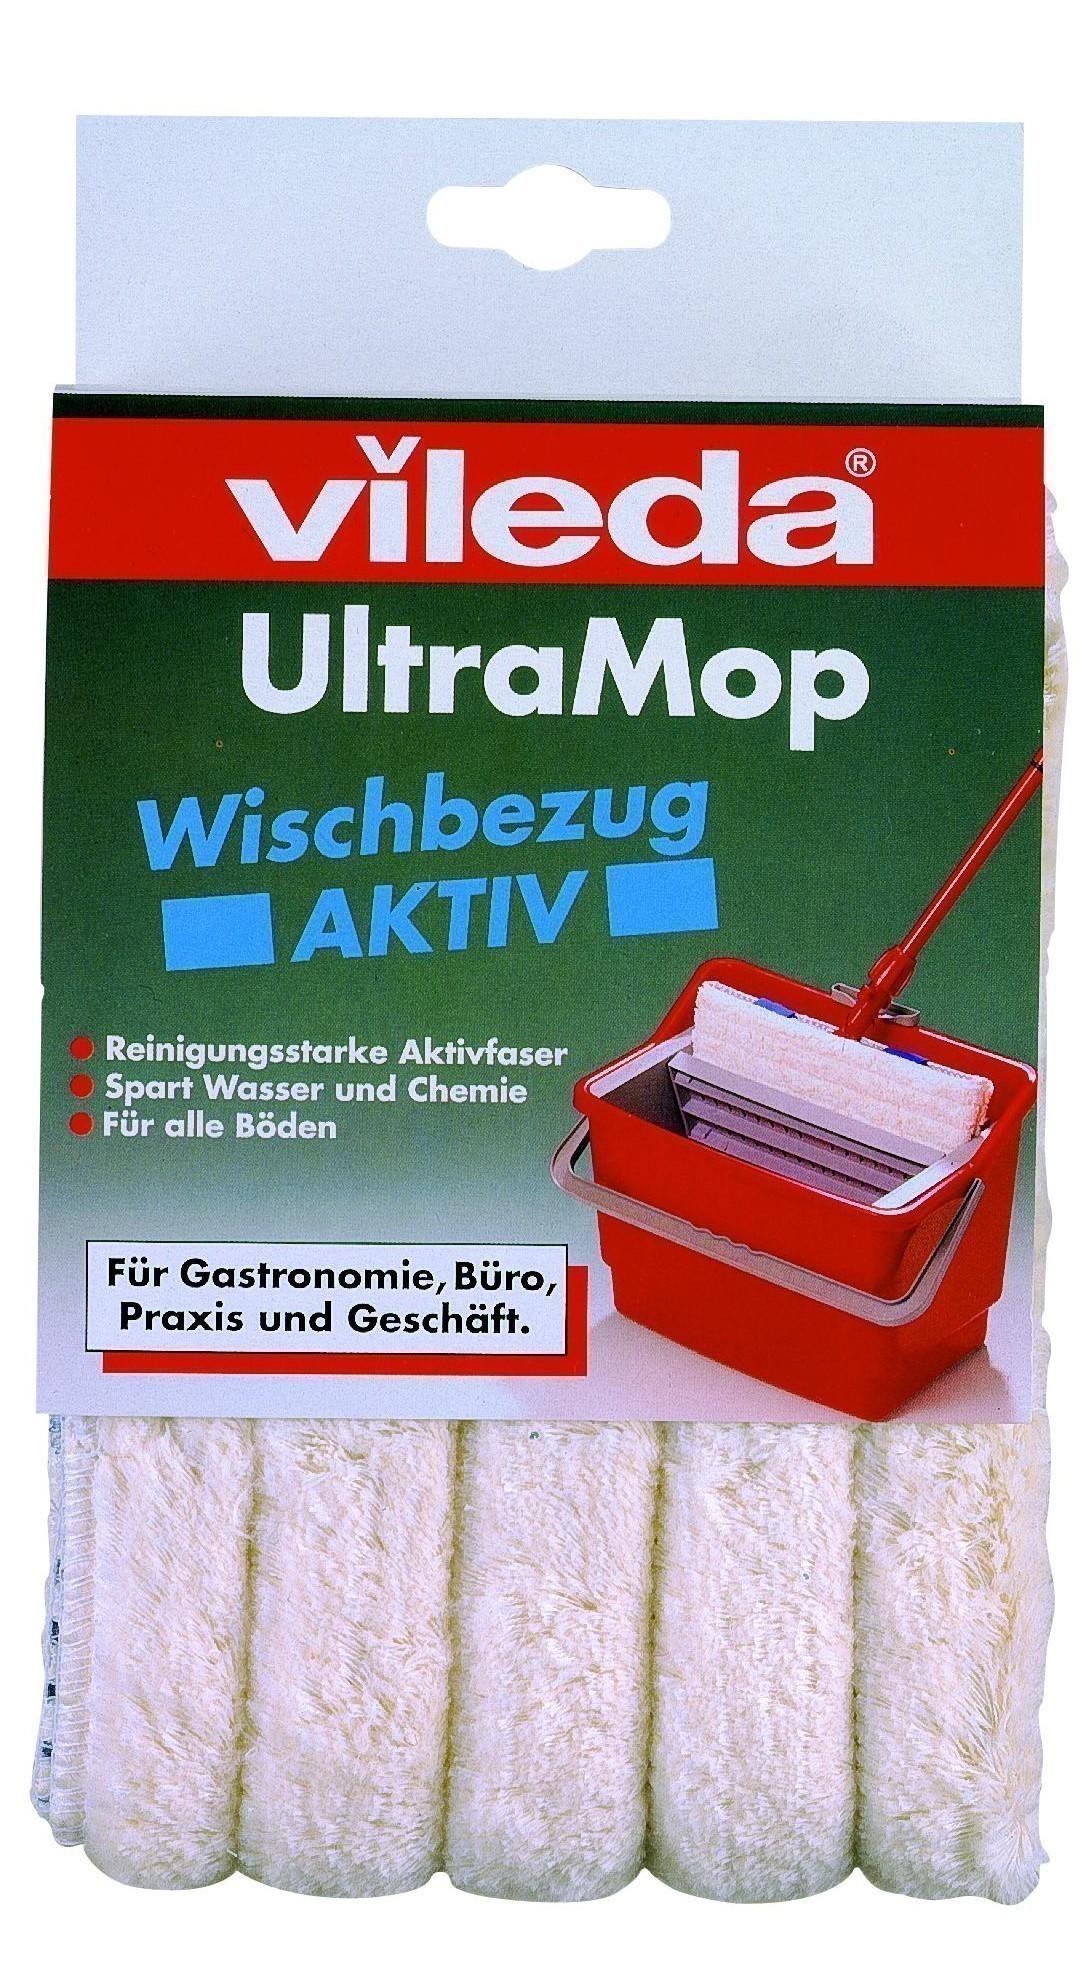 Vileda Wischbezug UltraMop Activ Bild 1